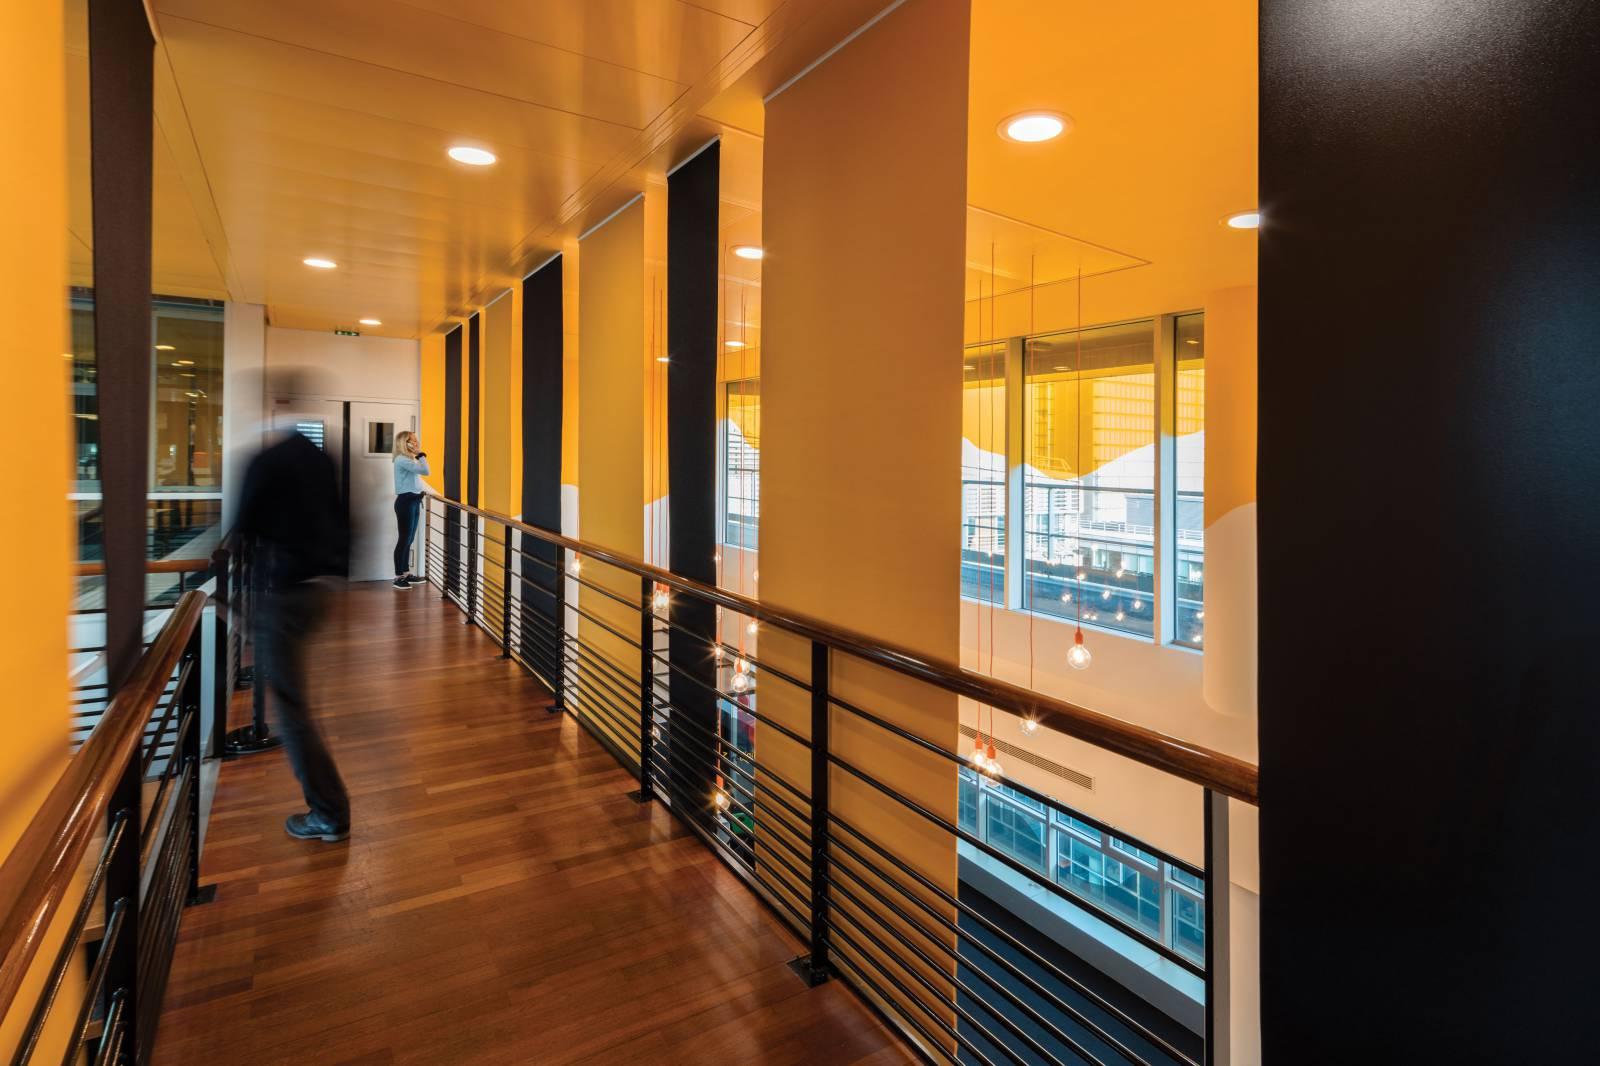 4 - Séparation d'espaces de travail pour Accenture